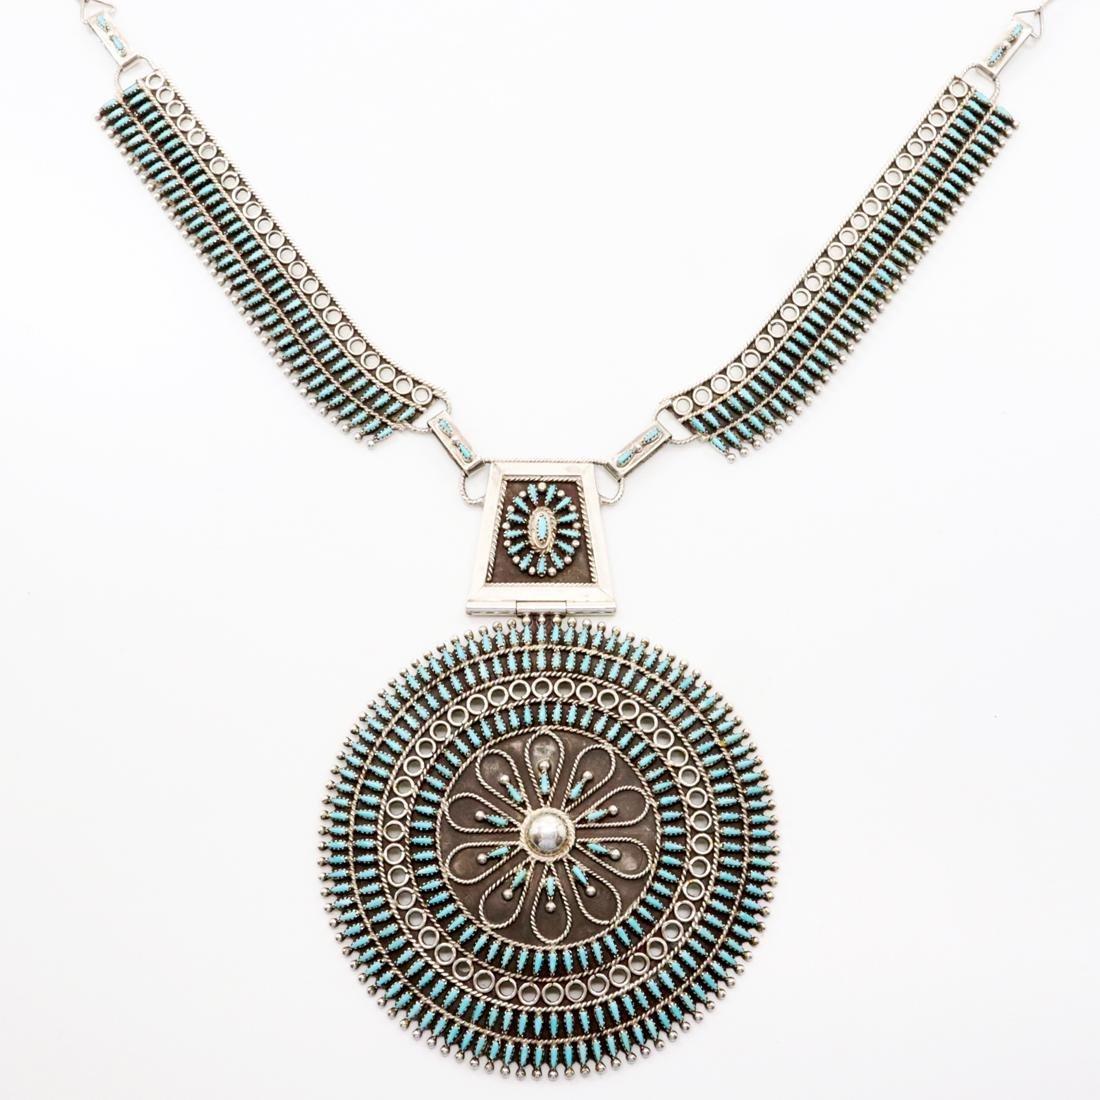 Zuni Petit Point Necklace